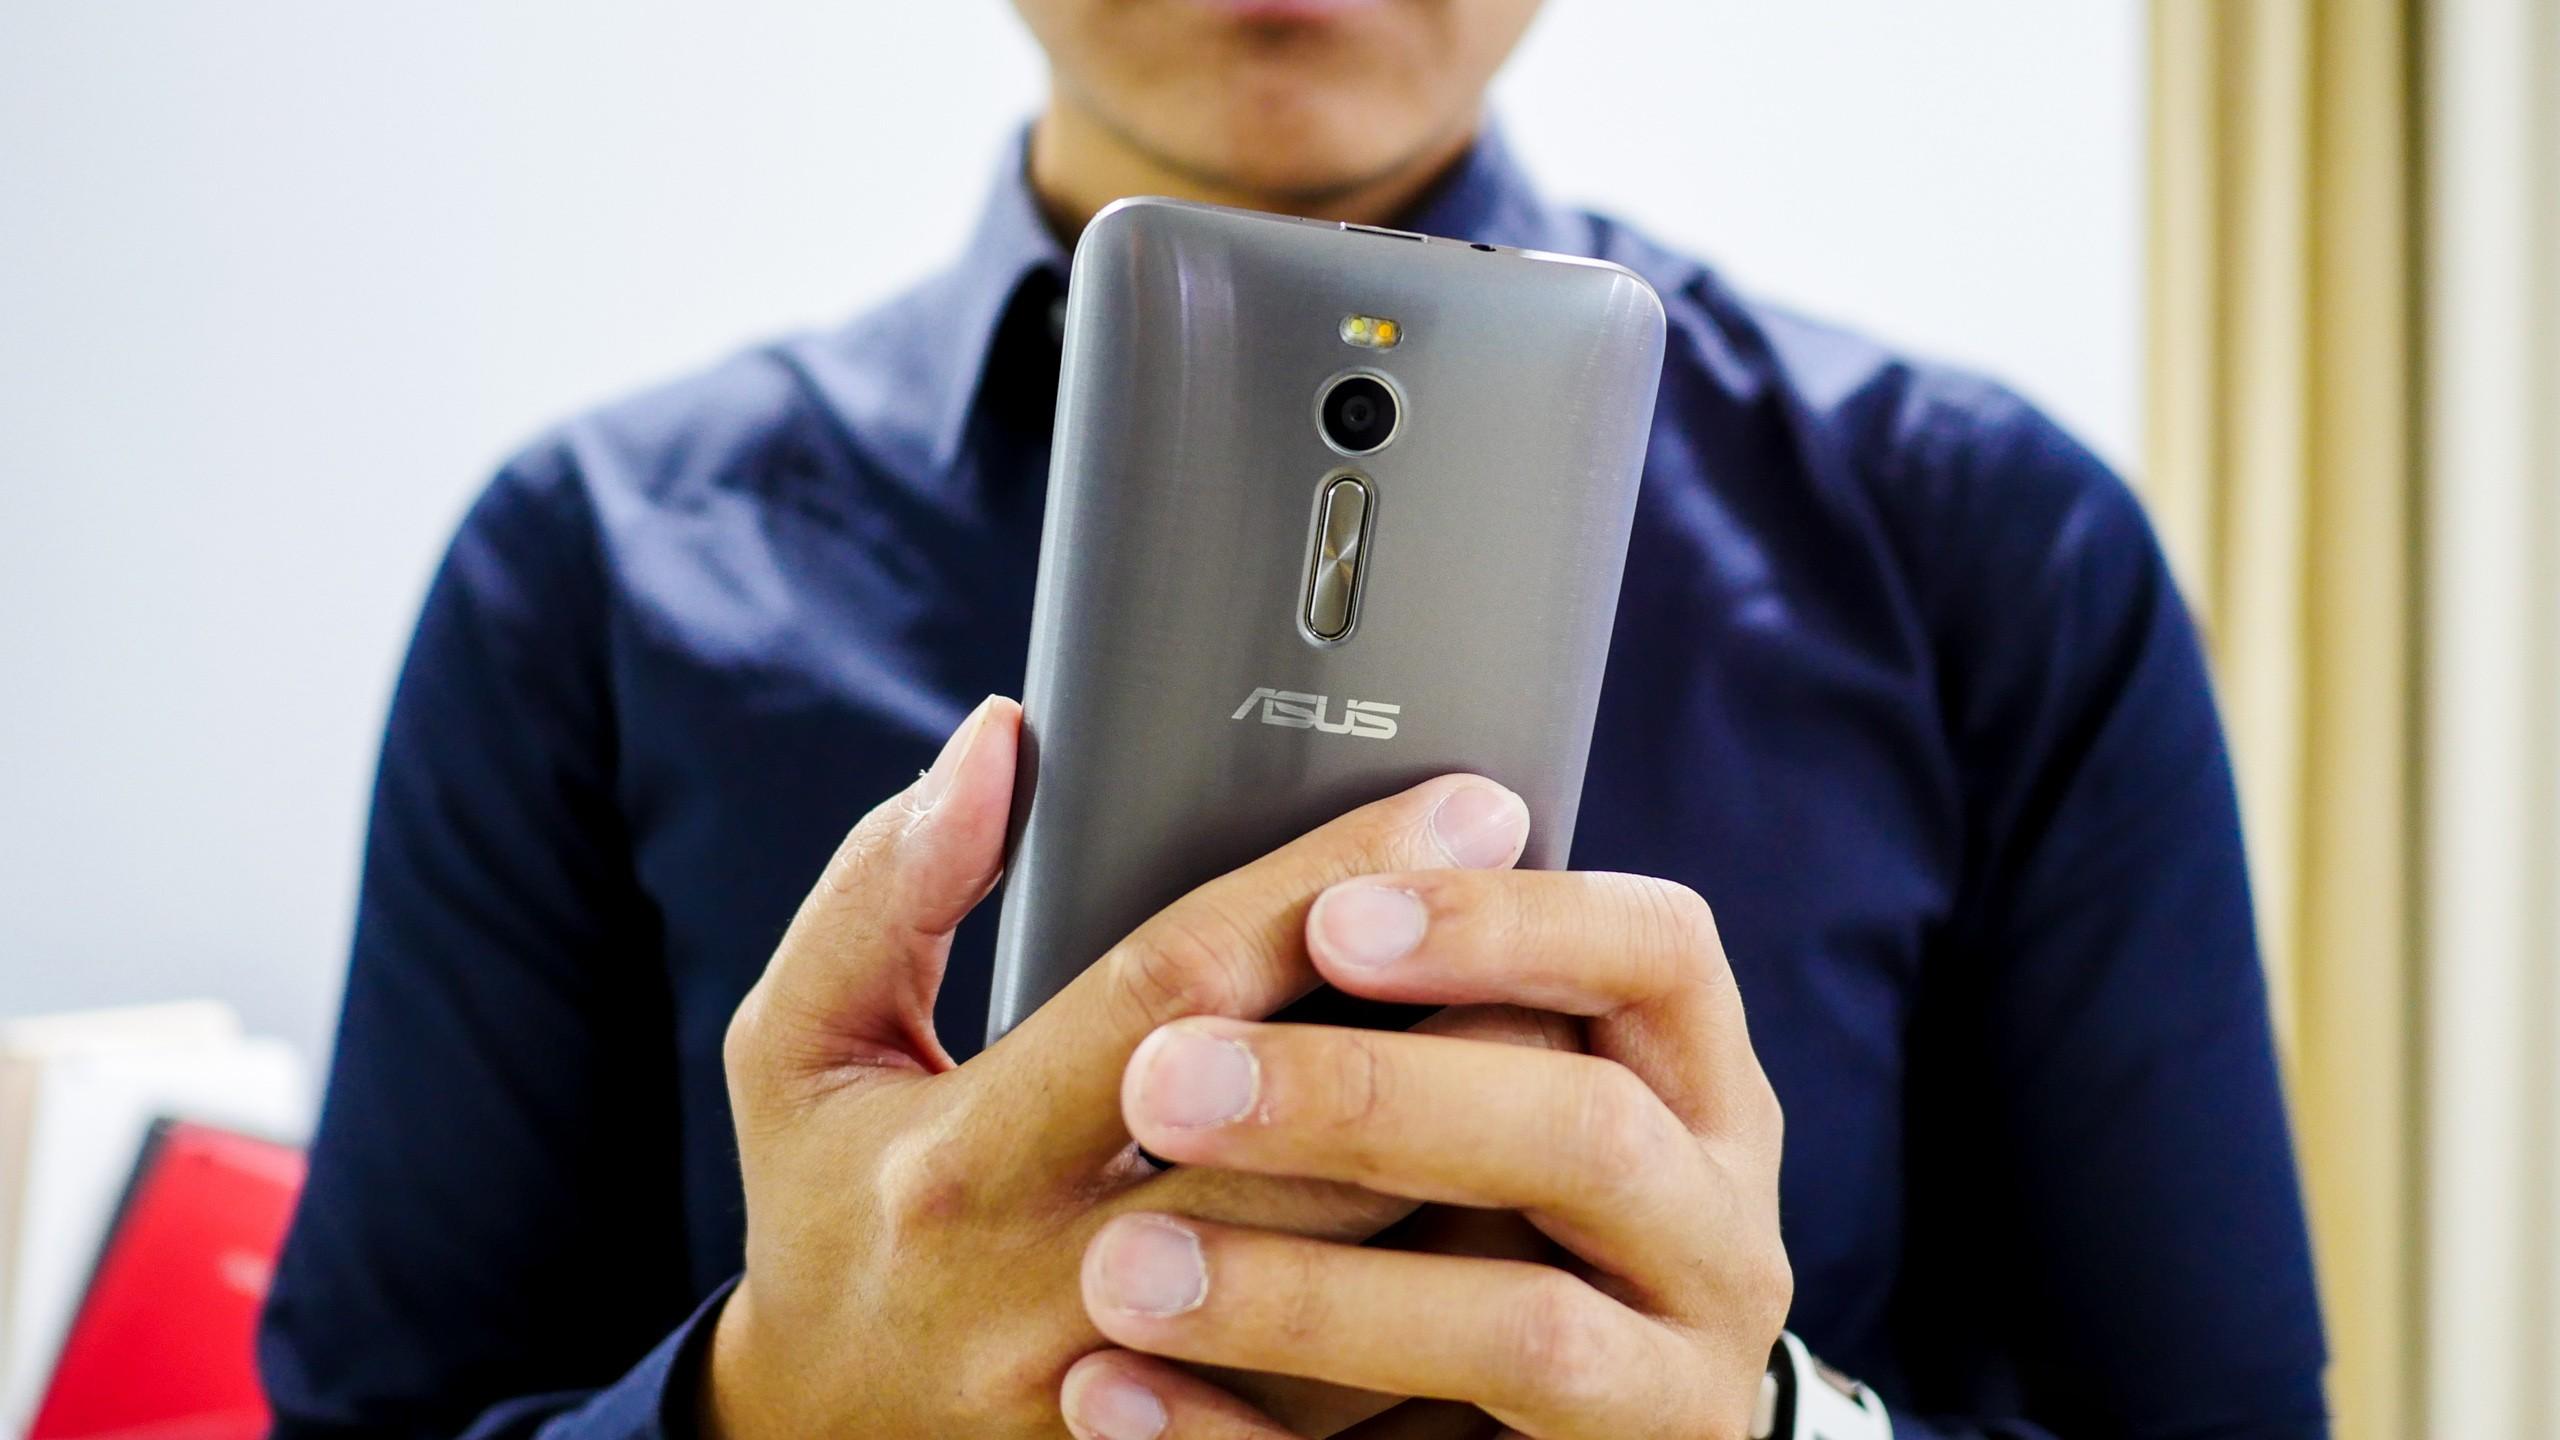 asus zenfone 3 - Asus Zenfone 3 sẽ được trang bị cảm biến dấu vân tay